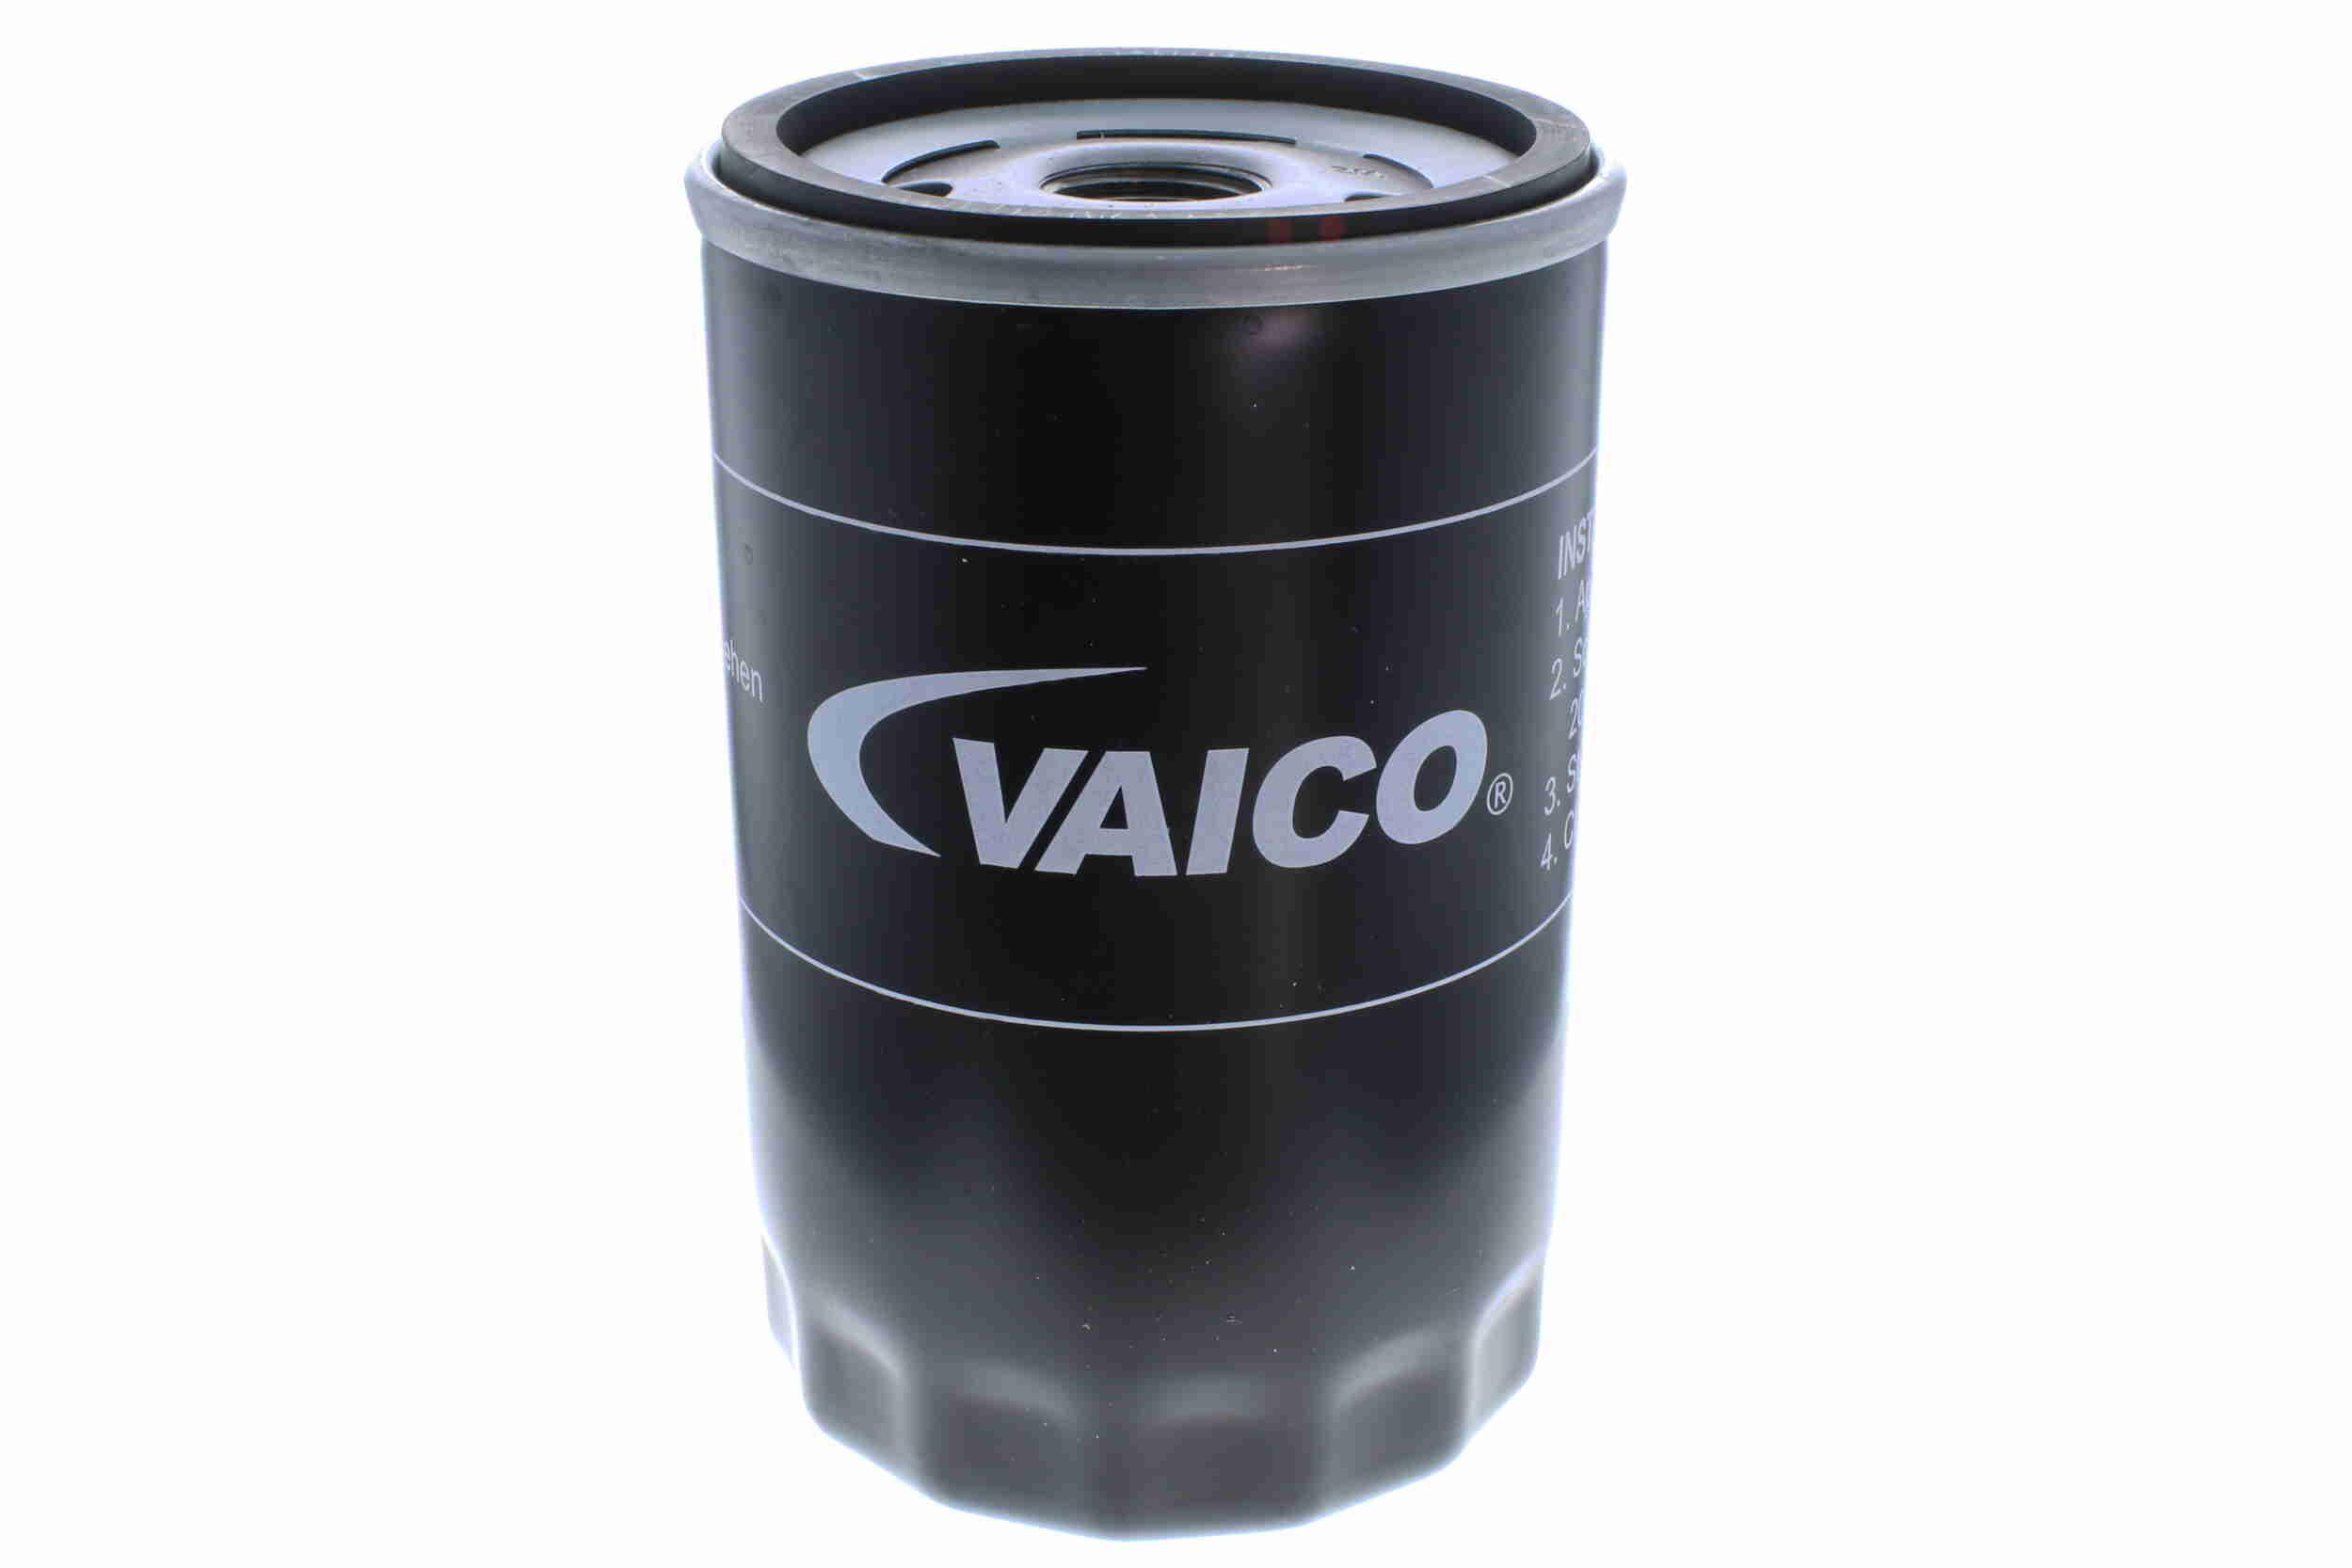 Artikelnummer V10-0320 VAICO Preise